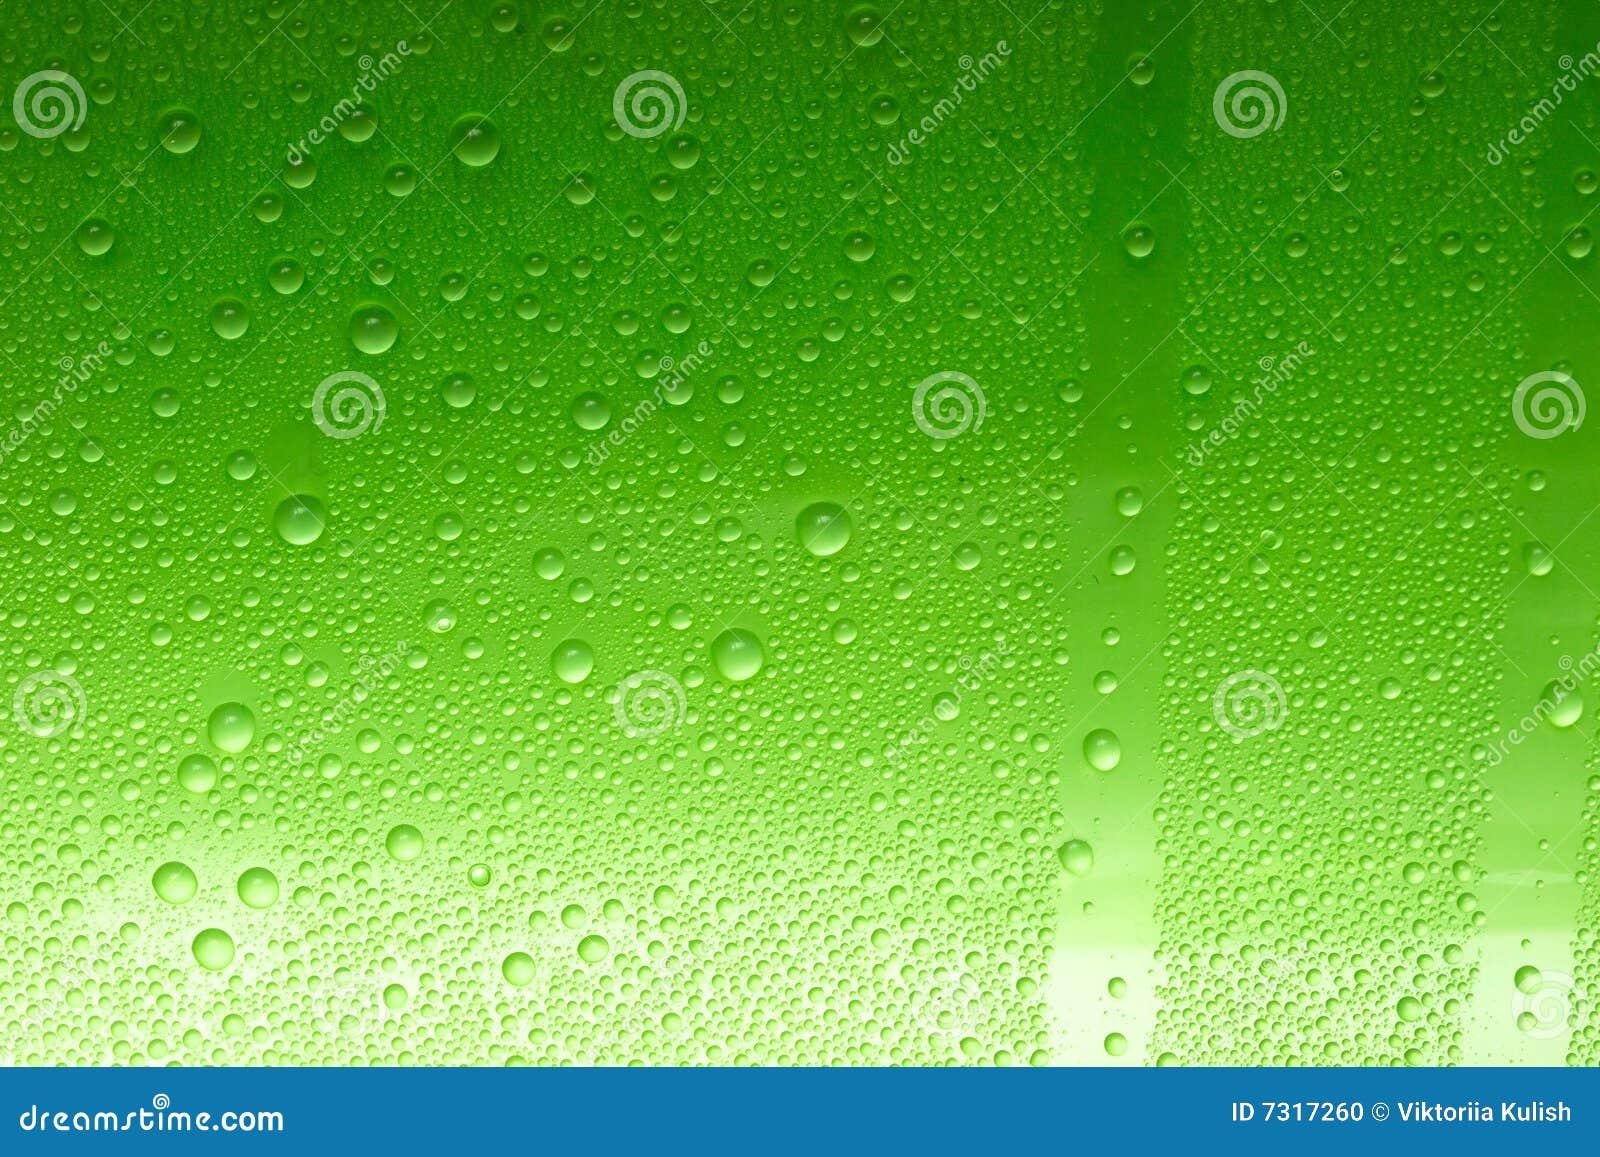 Gocce verdi dell acqua